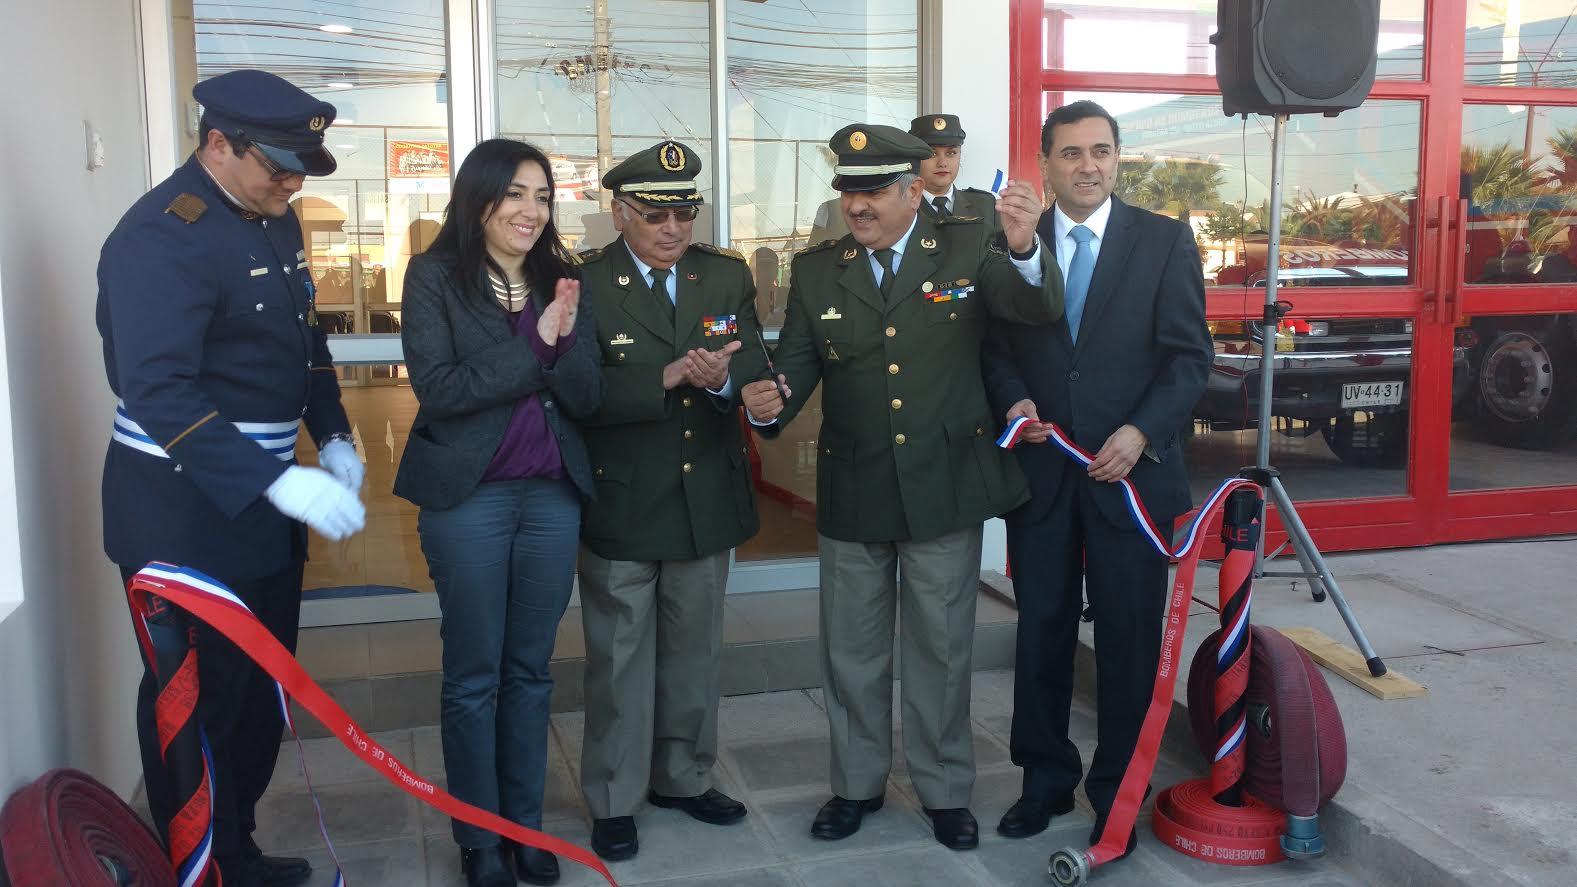 Se inauguró moderno cuartel de bomberos en sector Bombero Garrido de Curicó